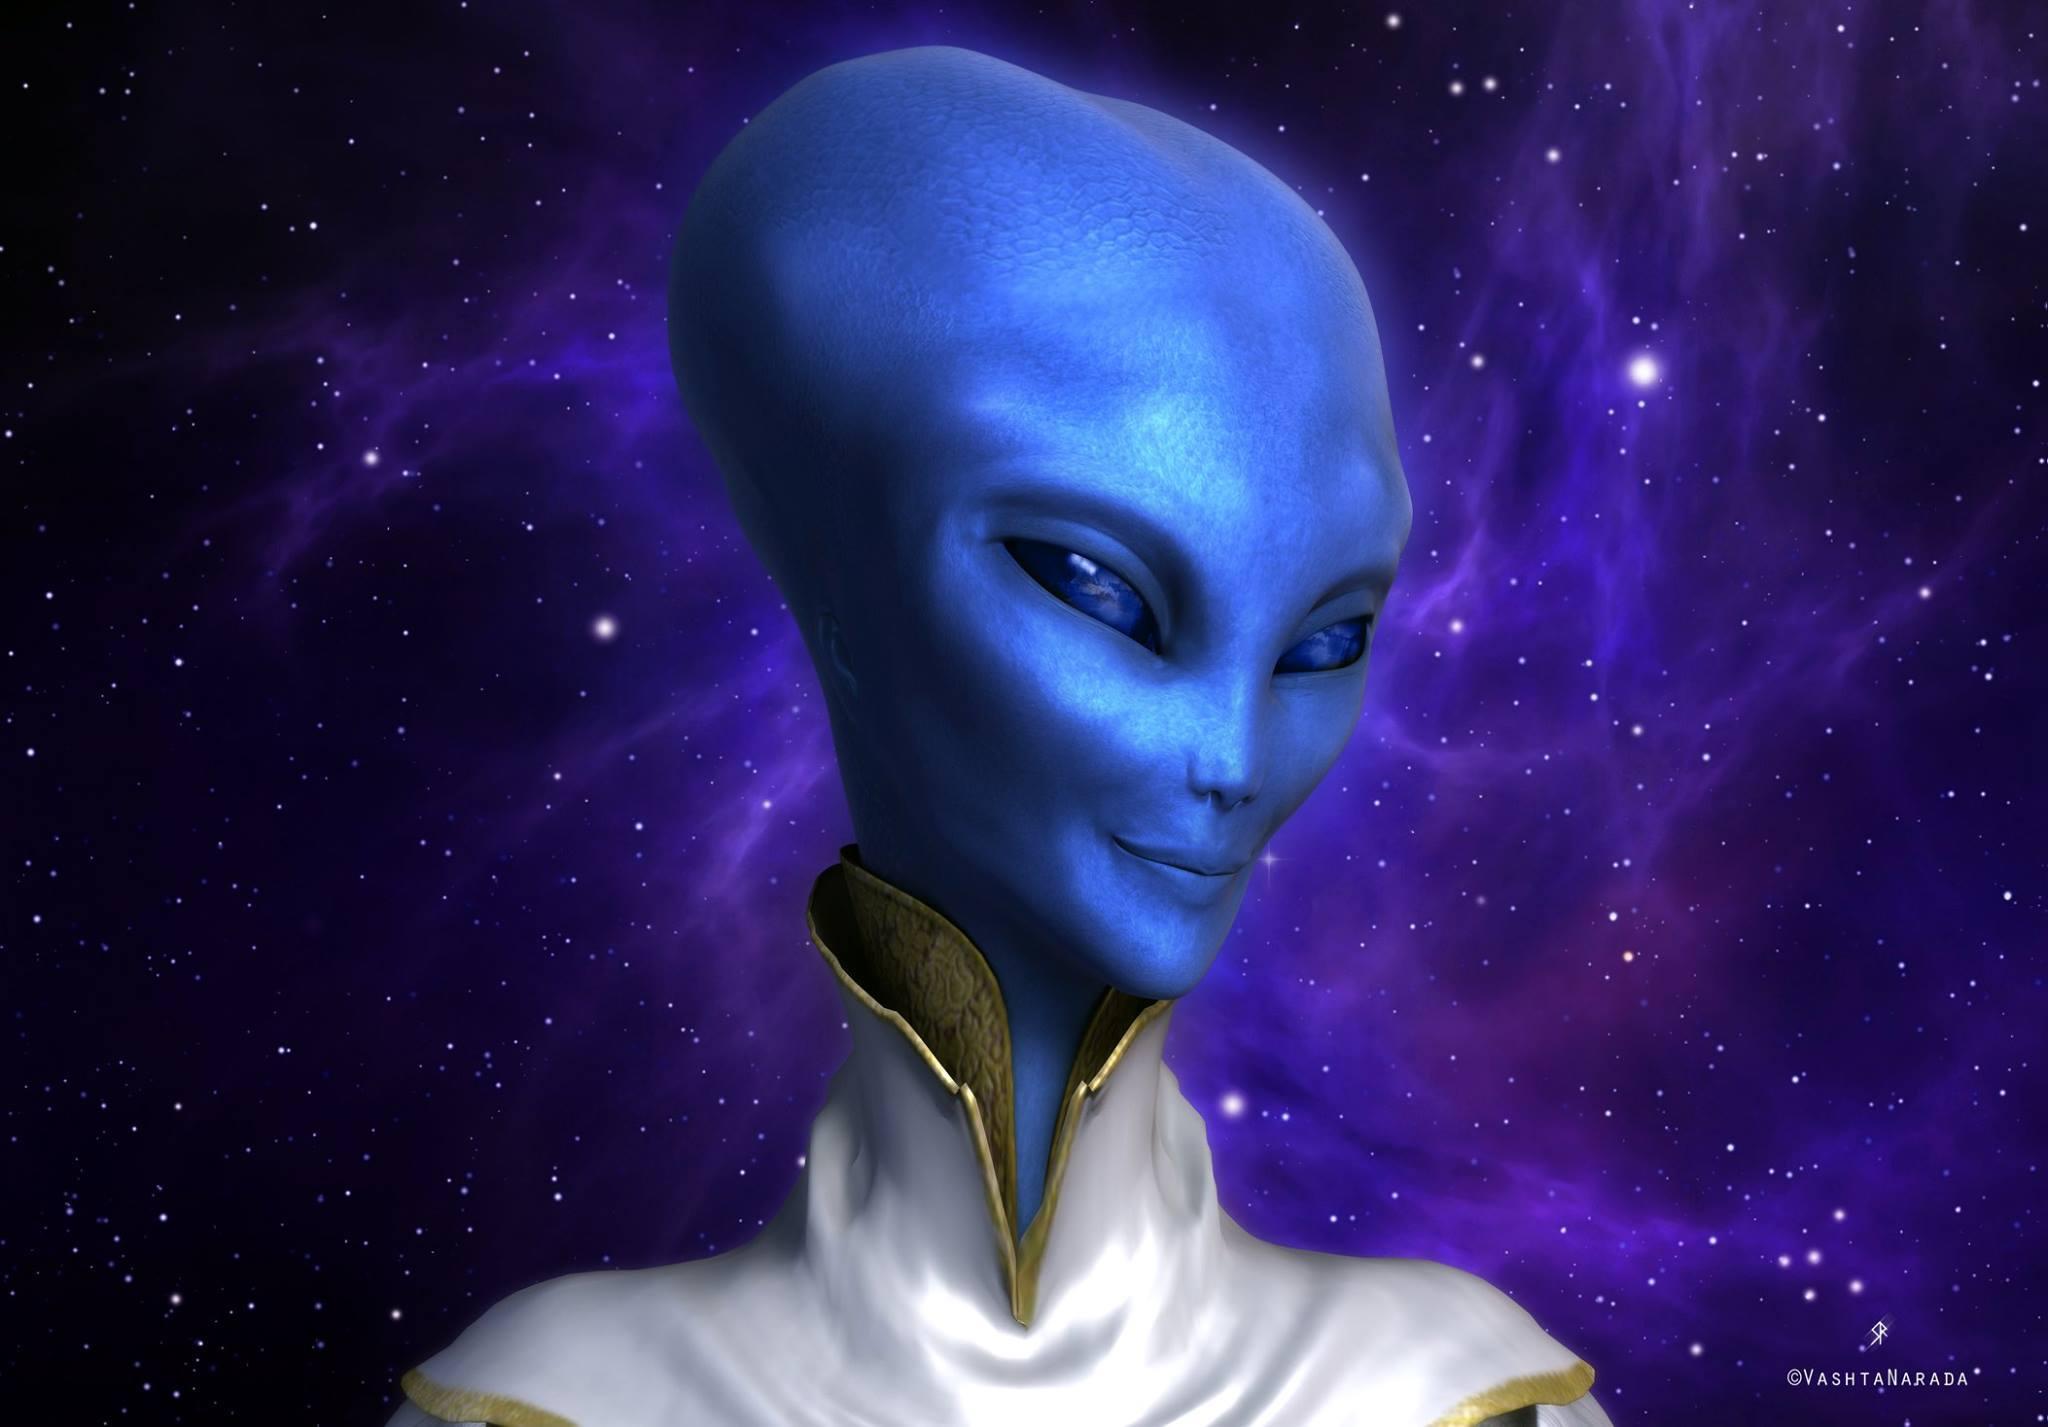 Vashta Narada's Galactic Art http://www.vashta.com/